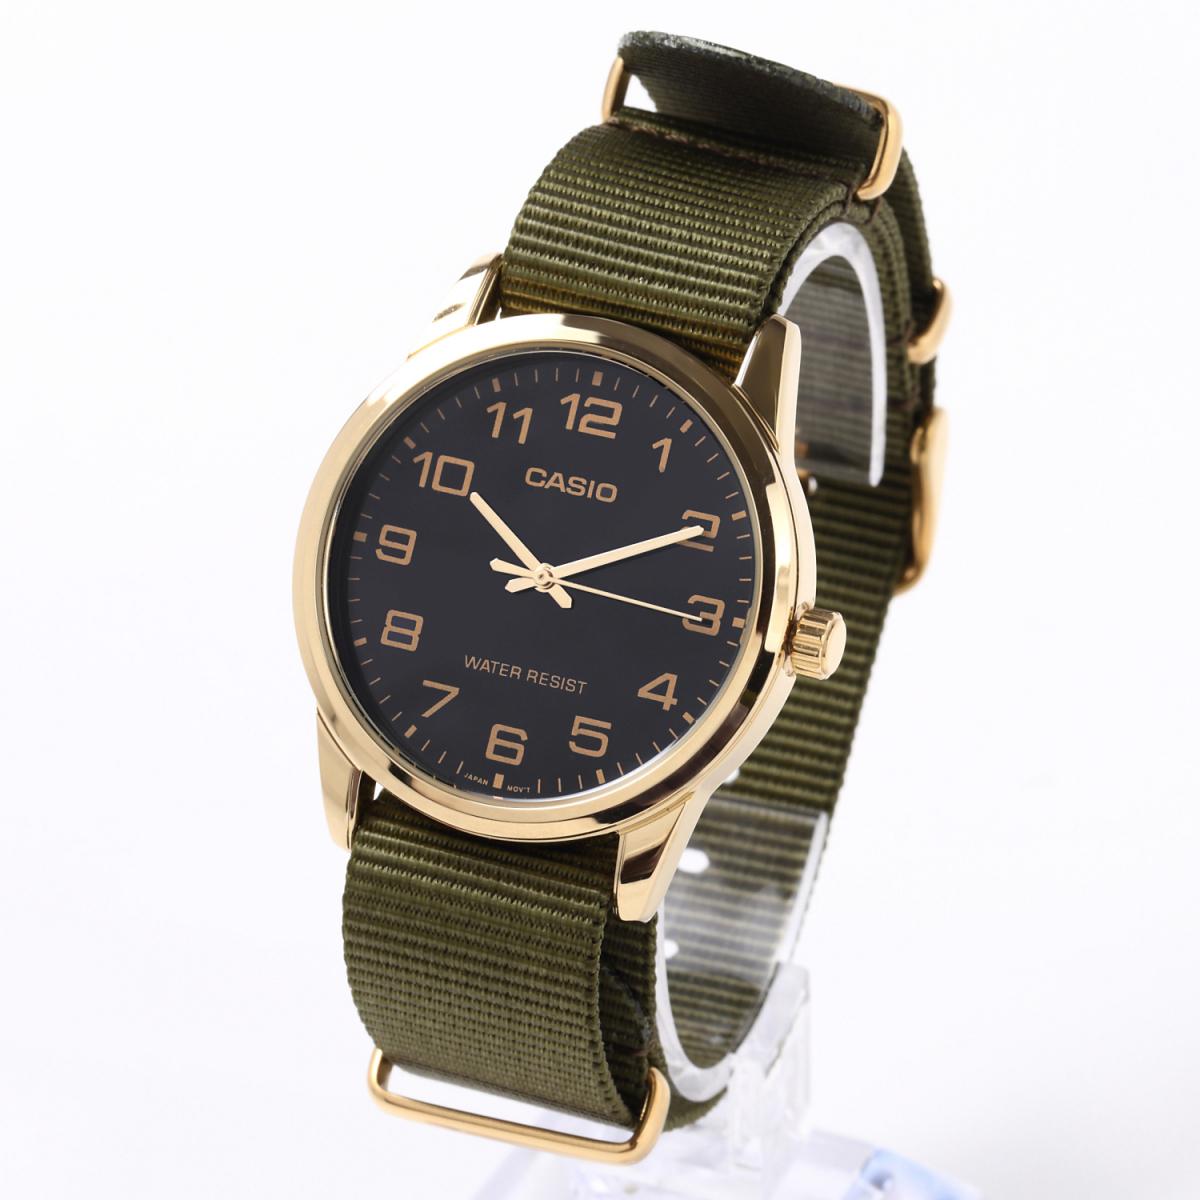 時計ベルト カーキグリーン 20mm NATO ゴールドバックル 全長255mm ショートサイズ ナイロンストラップ取付けマニュアル_画像2